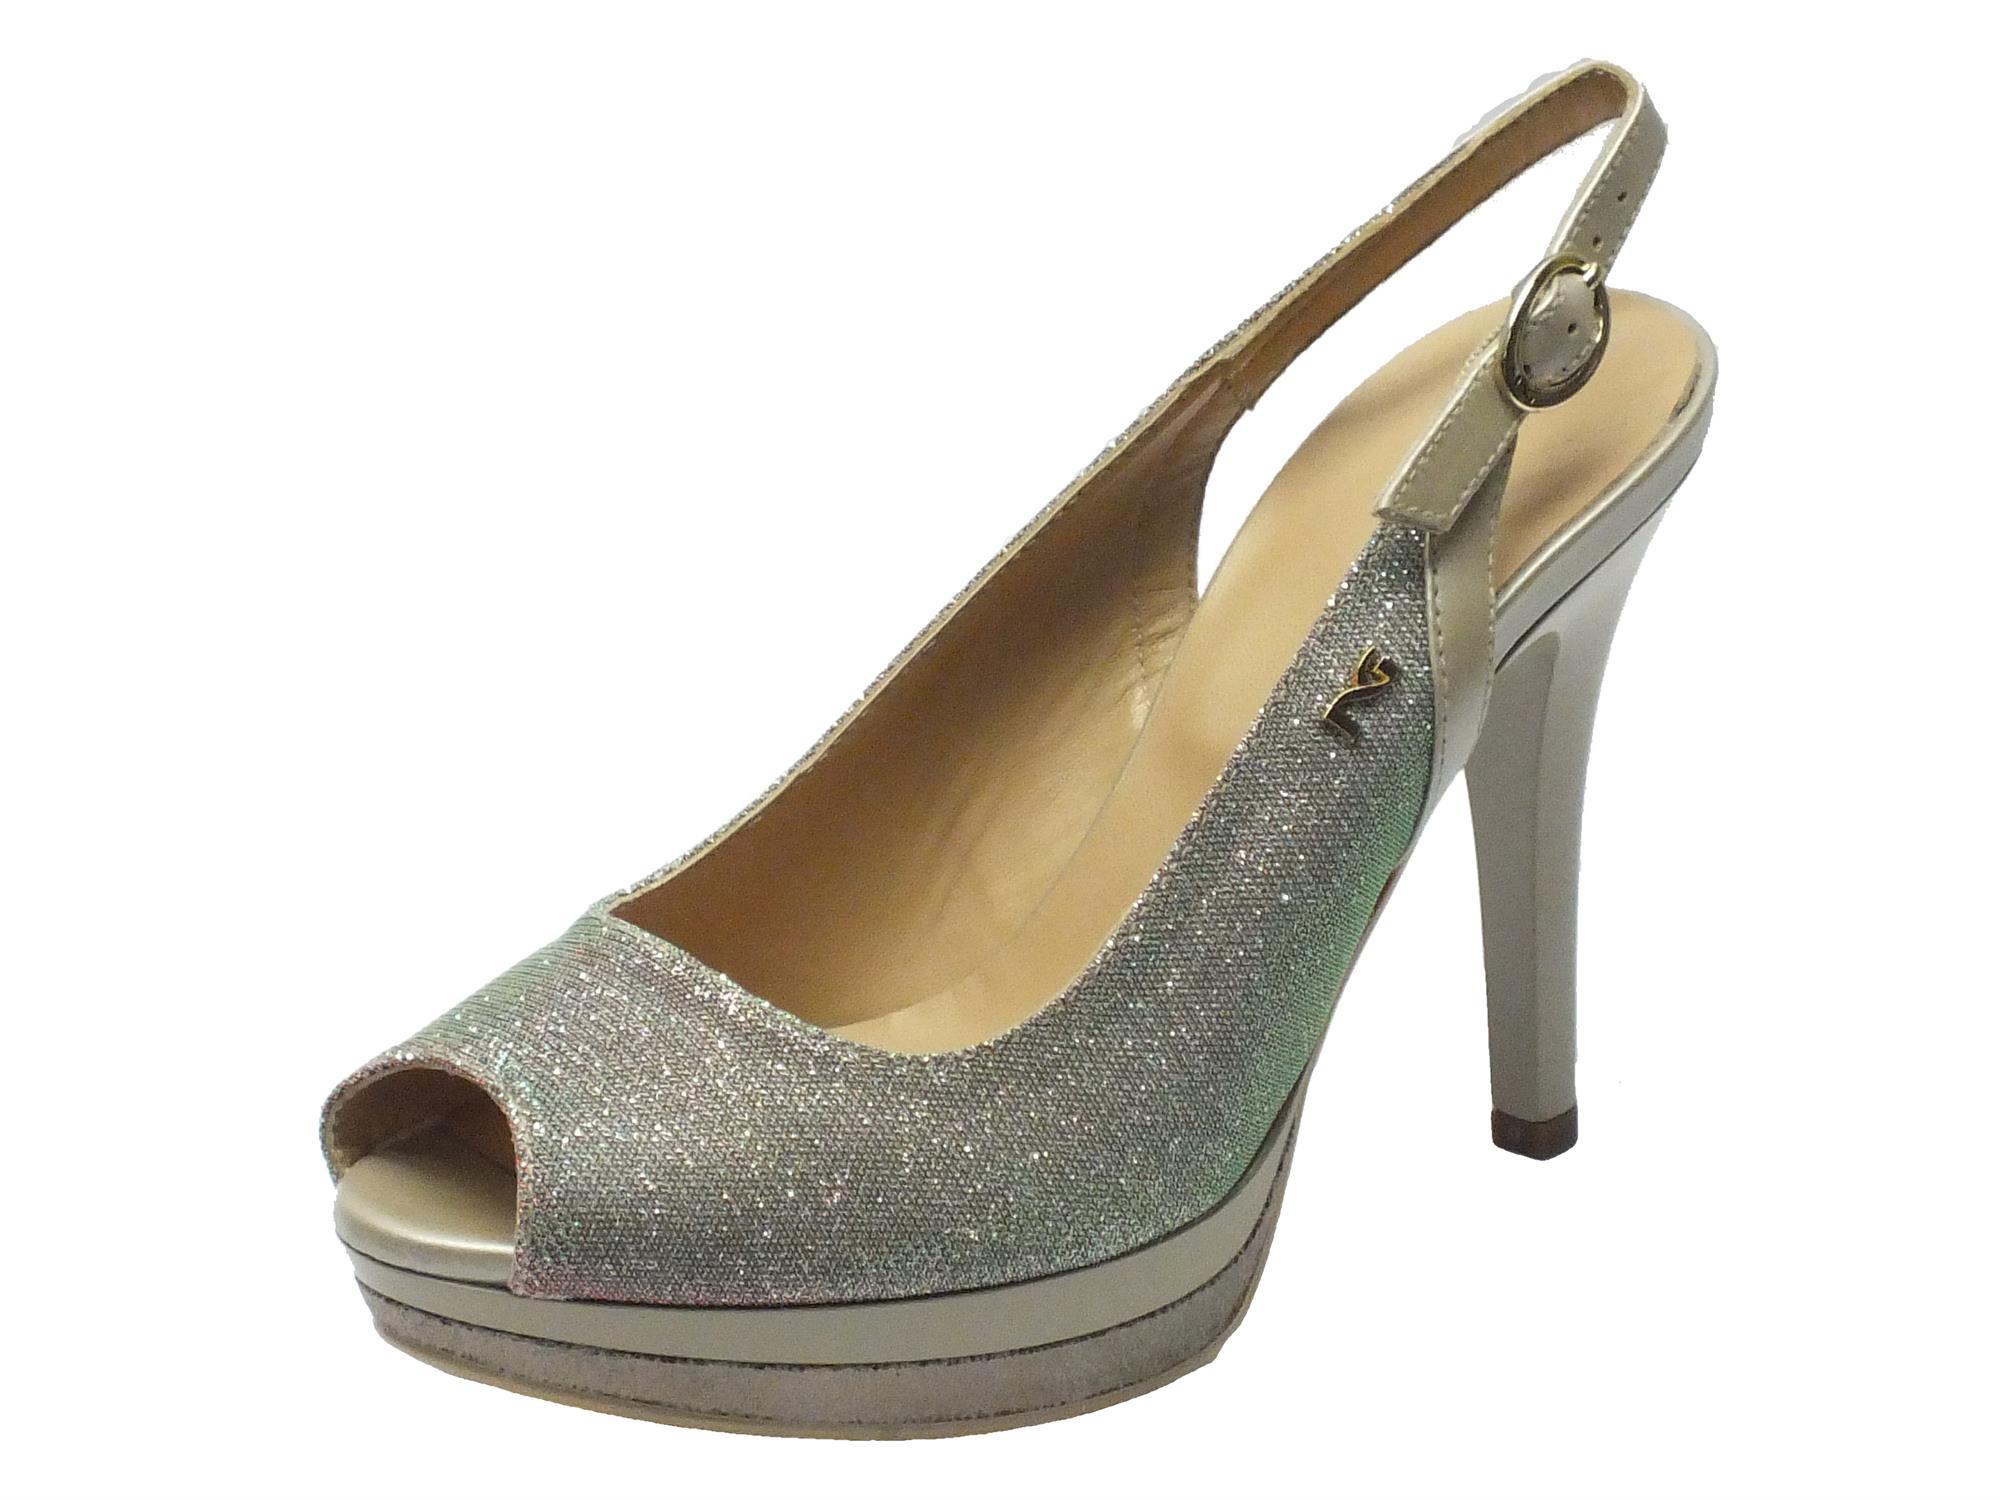 Sandalo NeroGiardini spuntato in glitter argento con tacco alto